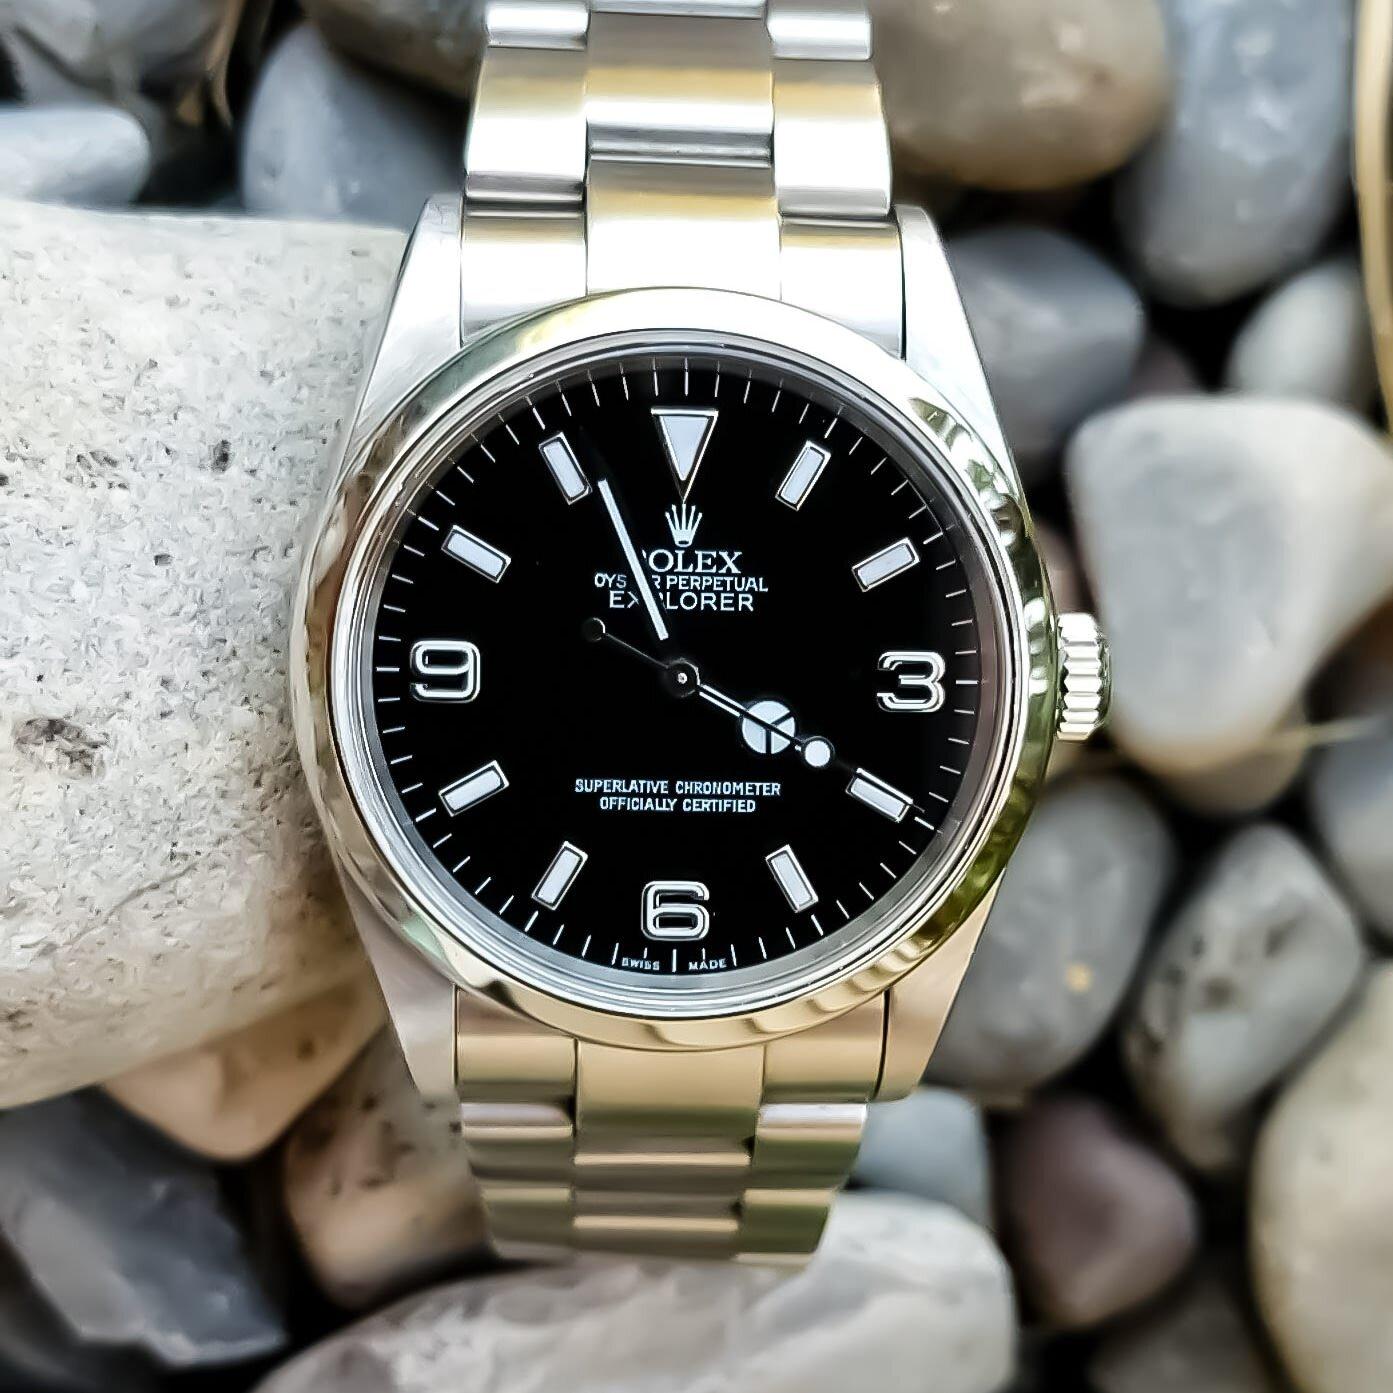 Rolex Explorer Reference 14270 |  Reddit